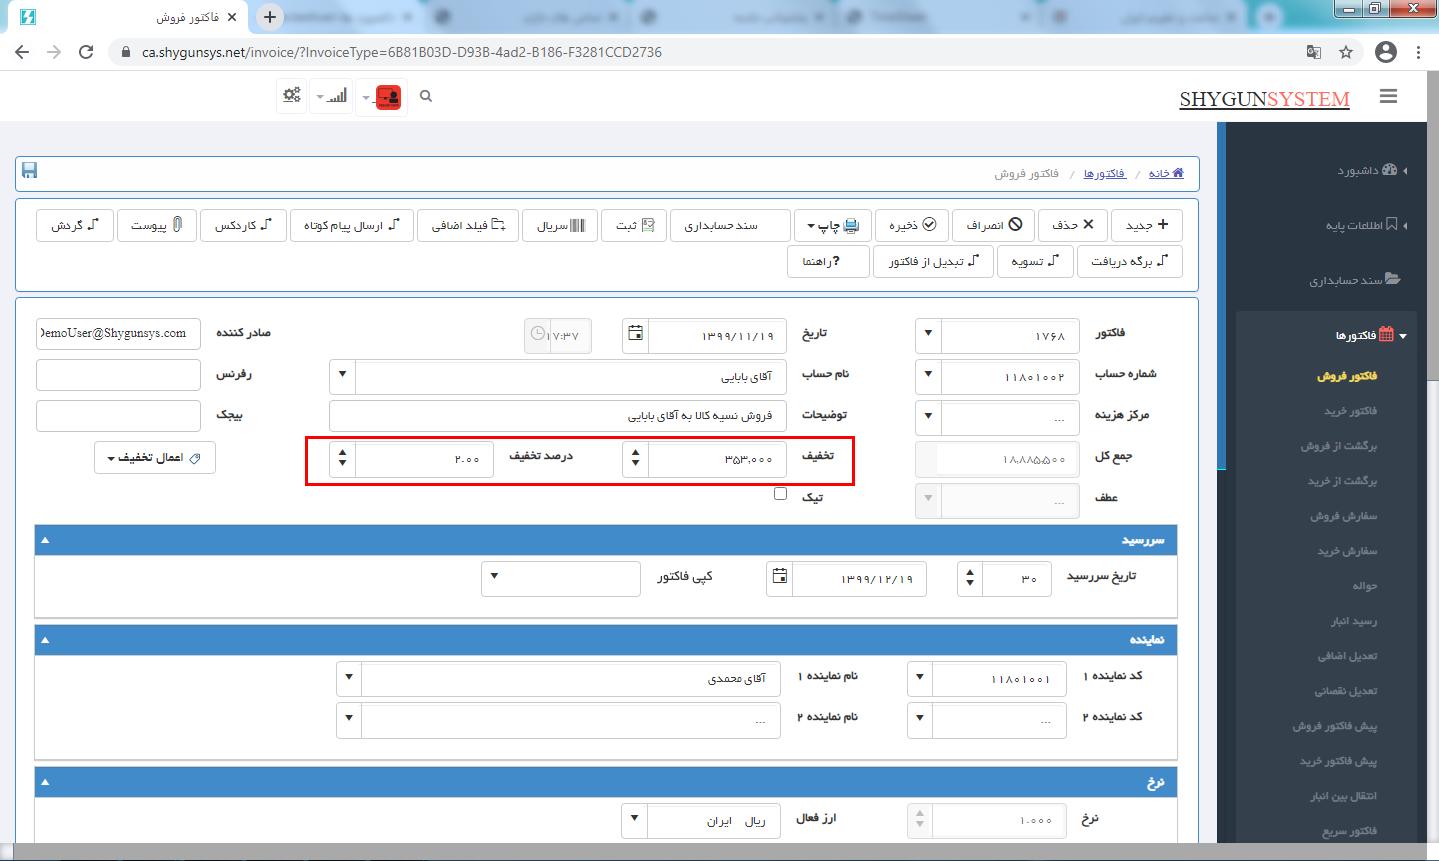 ثبت تخفیف کلی فاکتور در حسابگر تحت وب